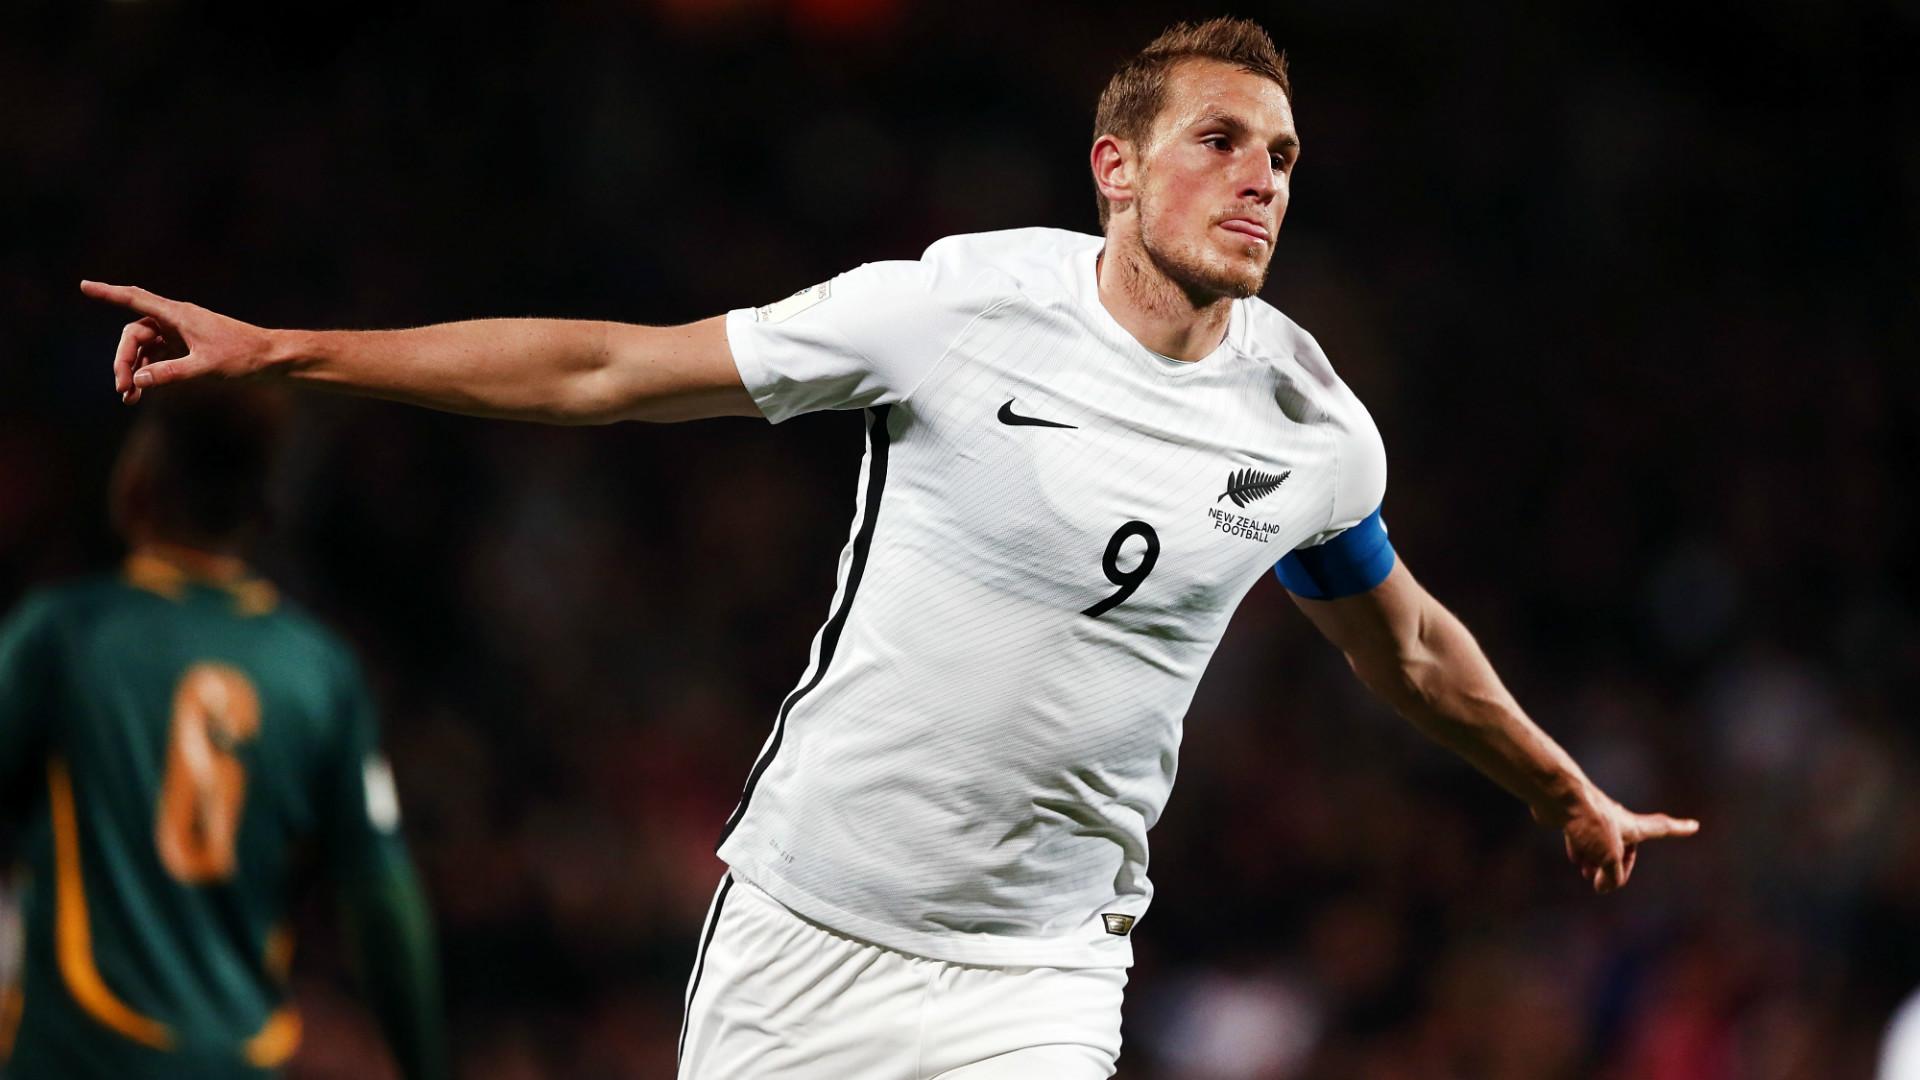 New Zealand beats Solomon Islands 6-1 in World Cup qualifier